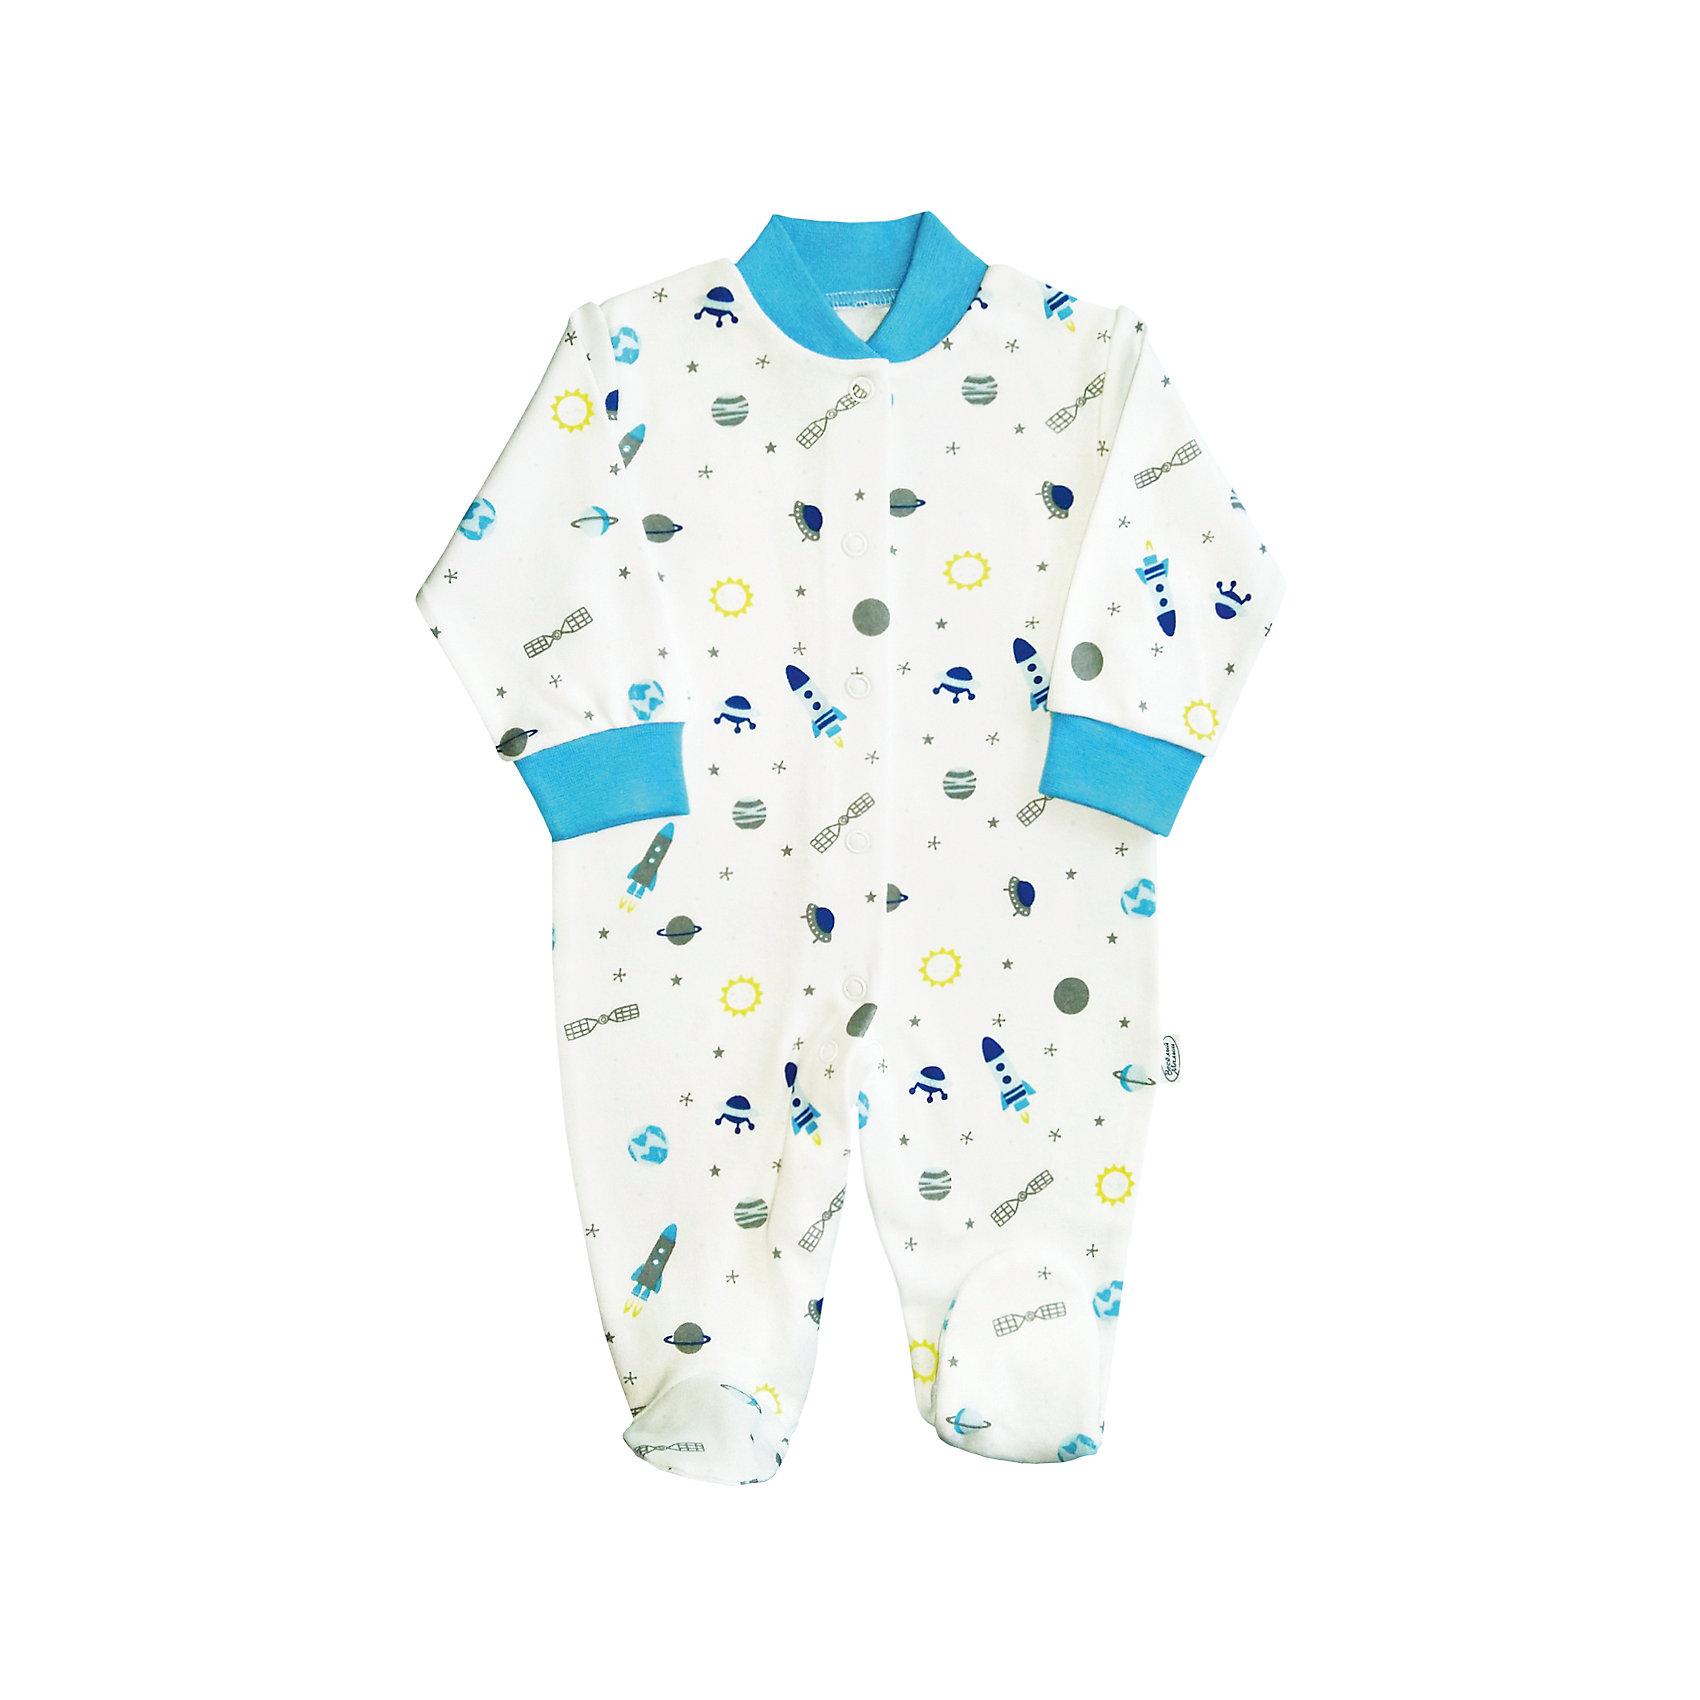 Комбинезон для мальчика Веселый малышМалыши нуждаются в особом уходе и заботе. Одежда для малышей должна быть удобной и качественной - это один из необходимых факторов для правильного развития и хорошего самочувствия ребенка.<br>Этот комбинезон отличается высоким качеством швов, продуманным кроем, что позволяет им хорошо фиксироваться на теле малыша, не сползать и не натирать. Застежки - удобные кнопки, которые не мешают ребенку. Материал - интерлок. Это плотная ткань из натурального хлопка, гладкая, приятная на ощупь, дышащая и гипоаллергенная. Расцветка изделия позволяет легко комбинировать его с различной одеждой. <br><br>Дополнительная информация:<br><br>материал: 100% хлопок интерлок;<br>застежки: кнопки;<br>длинный рукав.<br><br>Комбинезон от бренда Веселый малыш можно купить в нашем магазине.<br><br>Ширина мм: 157<br>Глубина мм: 13<br>Высота мм: 119<br>Вес г: 200<br>Цвет: разноцветный<br>Возраст от месяцев: 2<br>Возраст до месяцев: 5<br>Пол: Мужской<br>Возраст: Детский<br>Размер: 68,74,62,80,56<br>SKU: 4810238